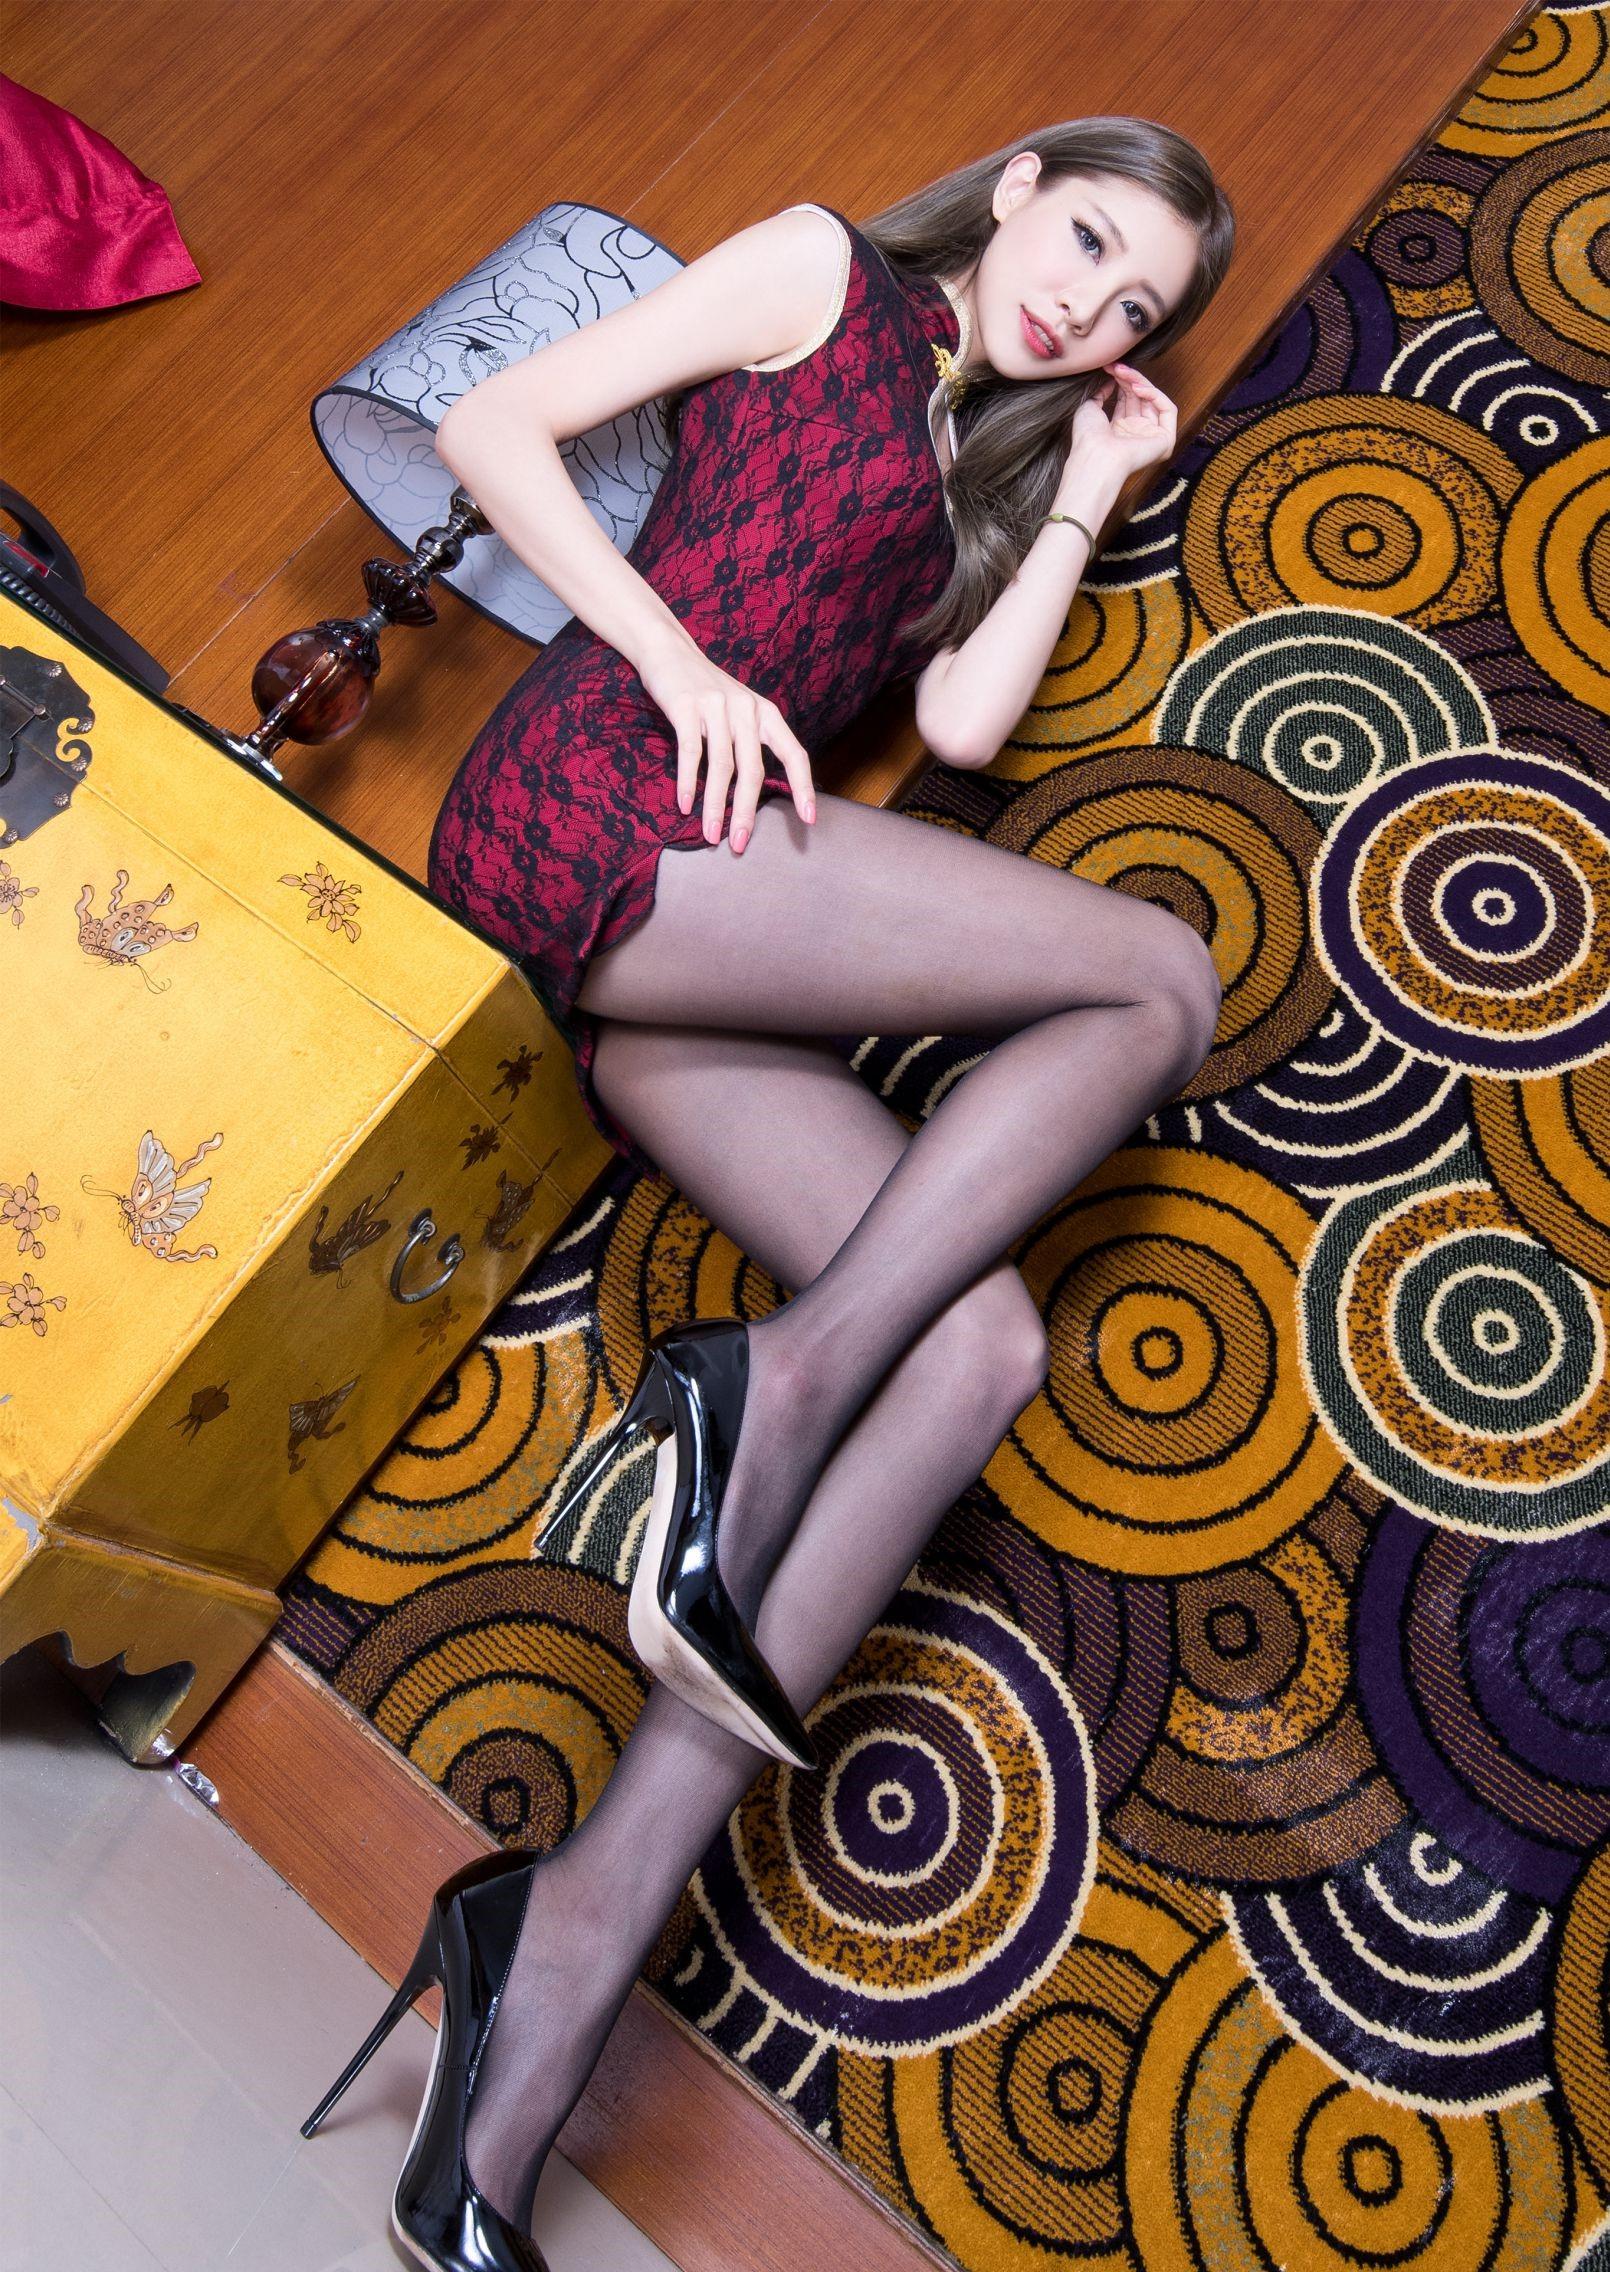 パンスト脚を見せつけるチャイナ美女 11